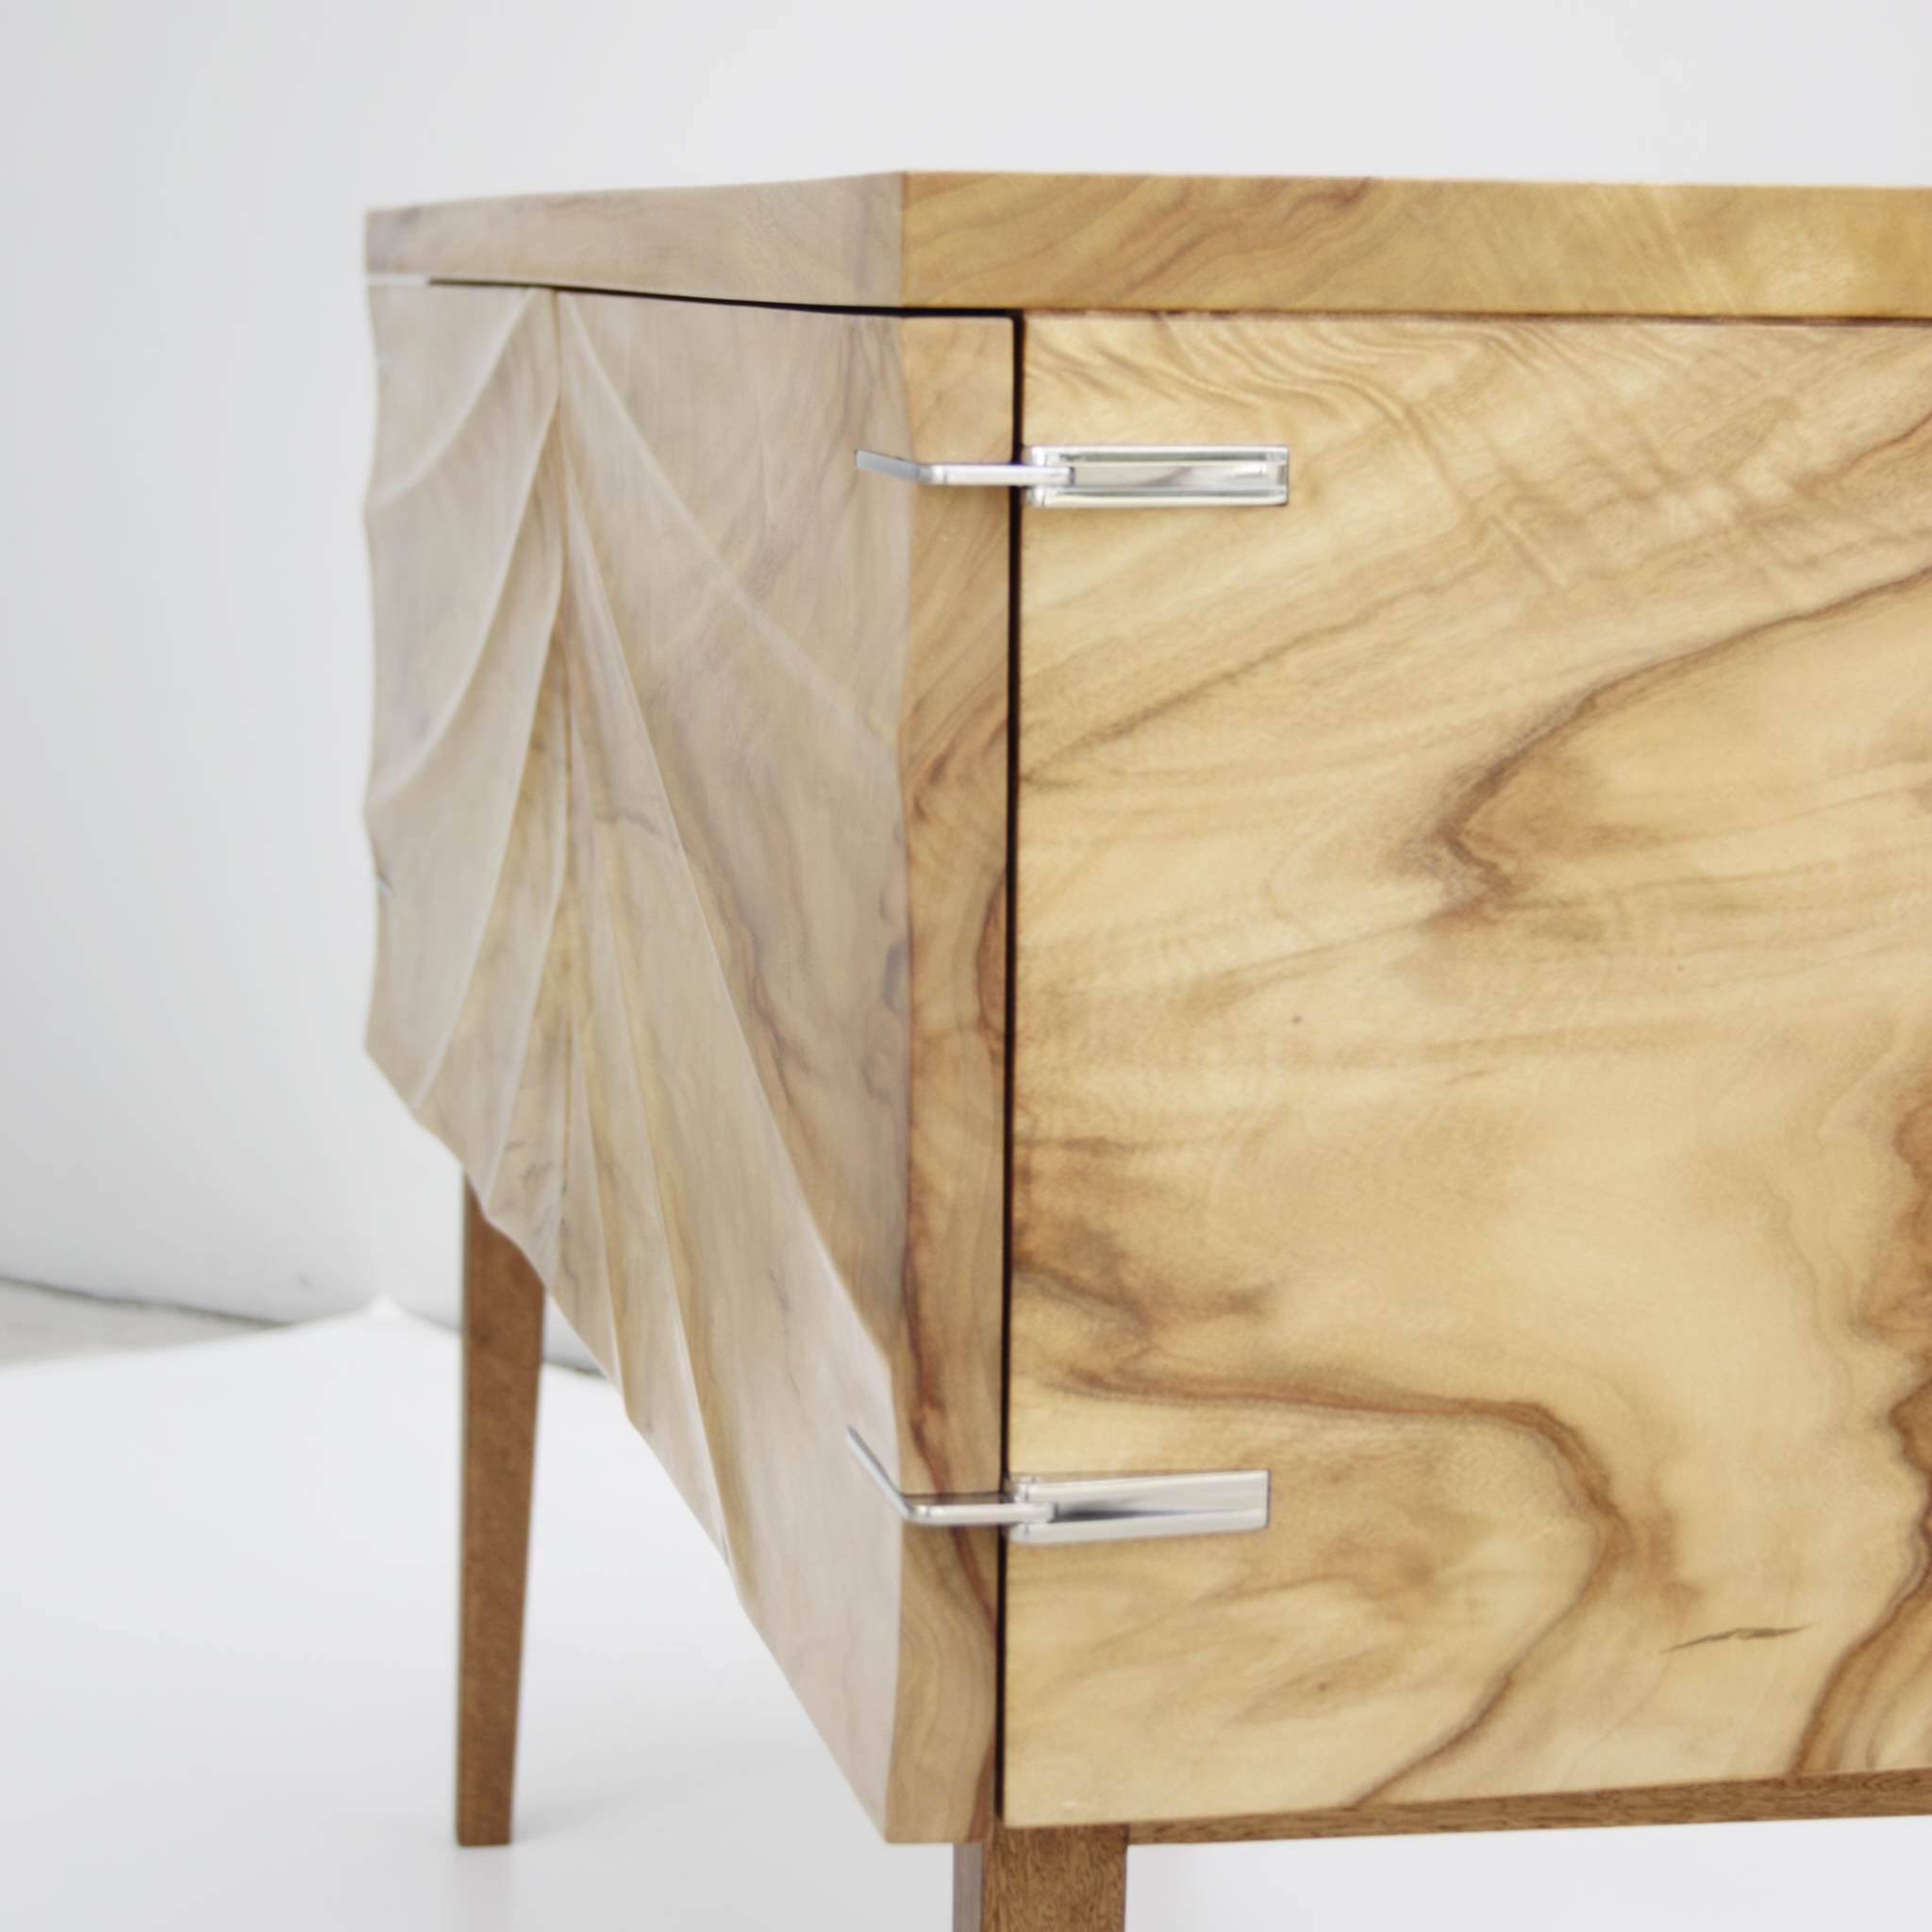 Cabinet by Lasse Kinnunen